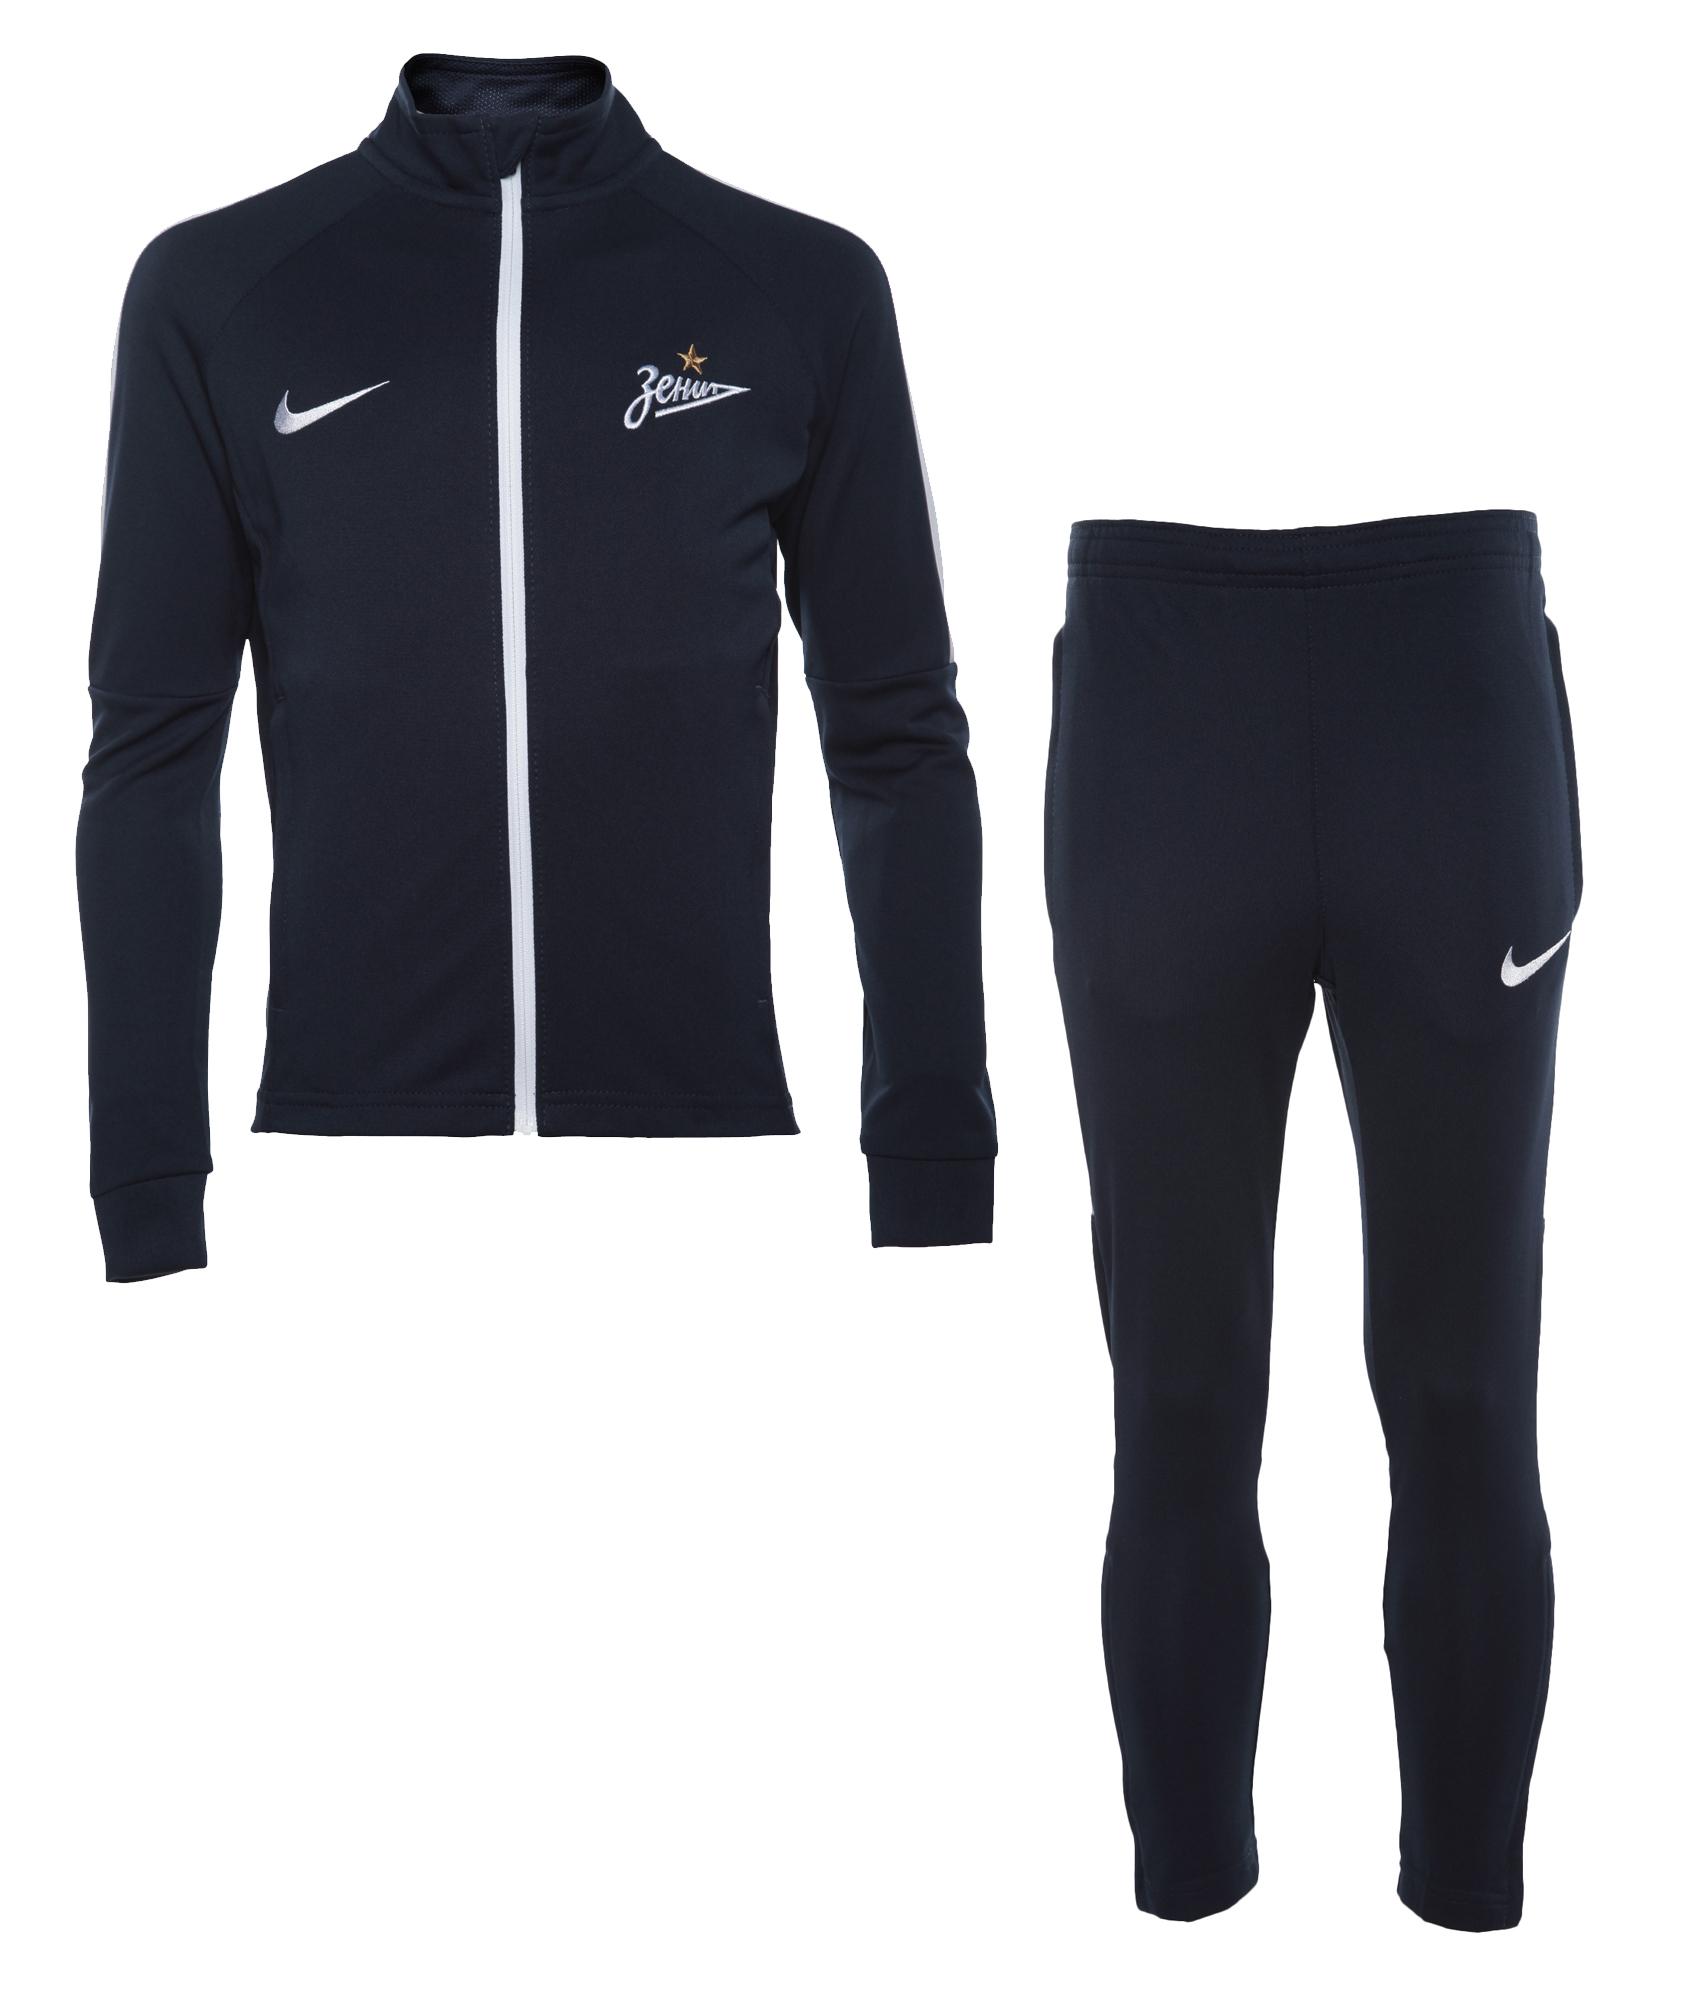 Подростковый спортивный костюм Nike Nike Цвет-Темно-Синий